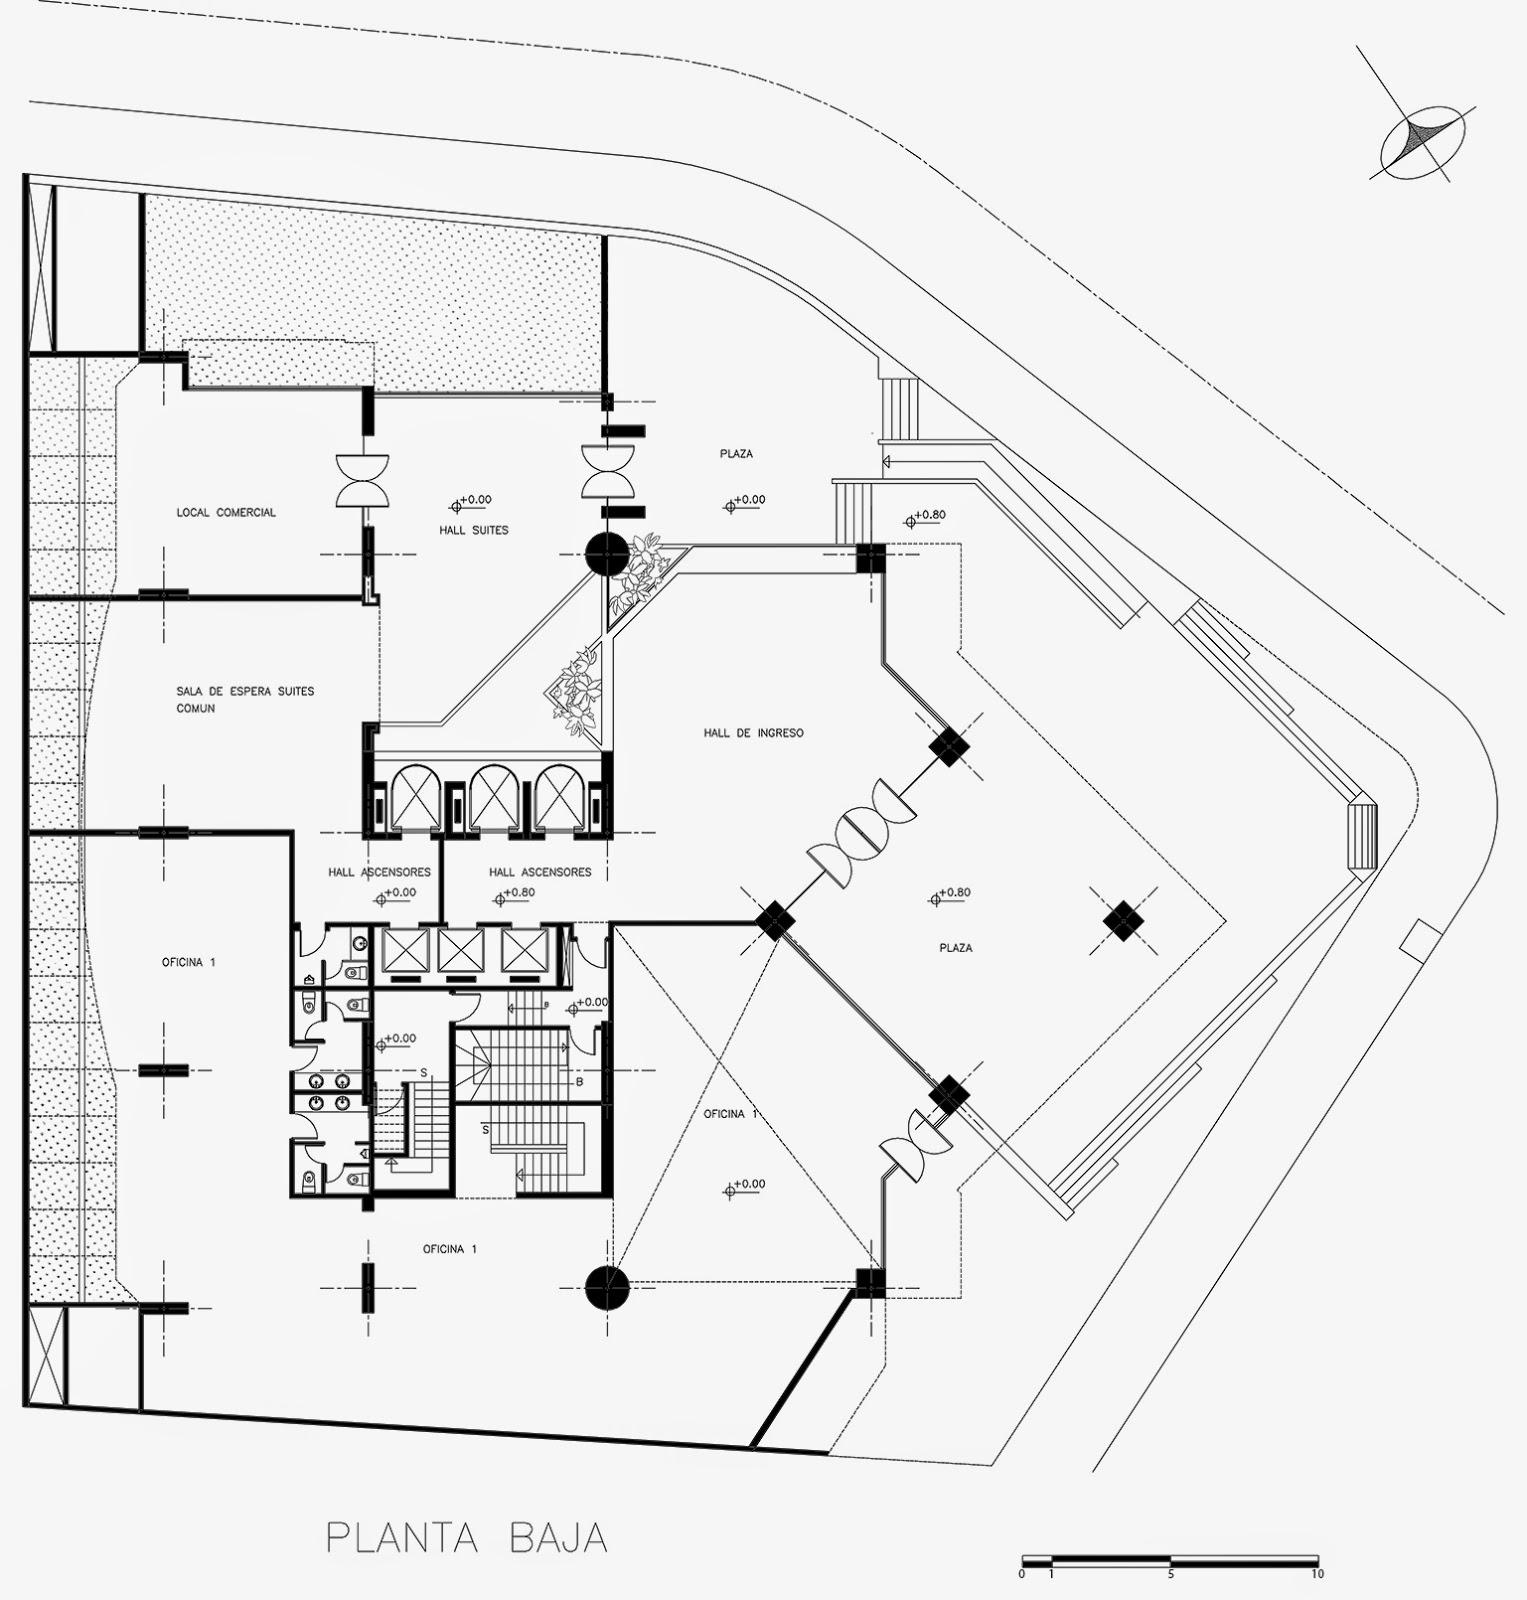 Arquitectura moderna en ecuador edificio plaza 2000 for Libros de planos arquitectonicos